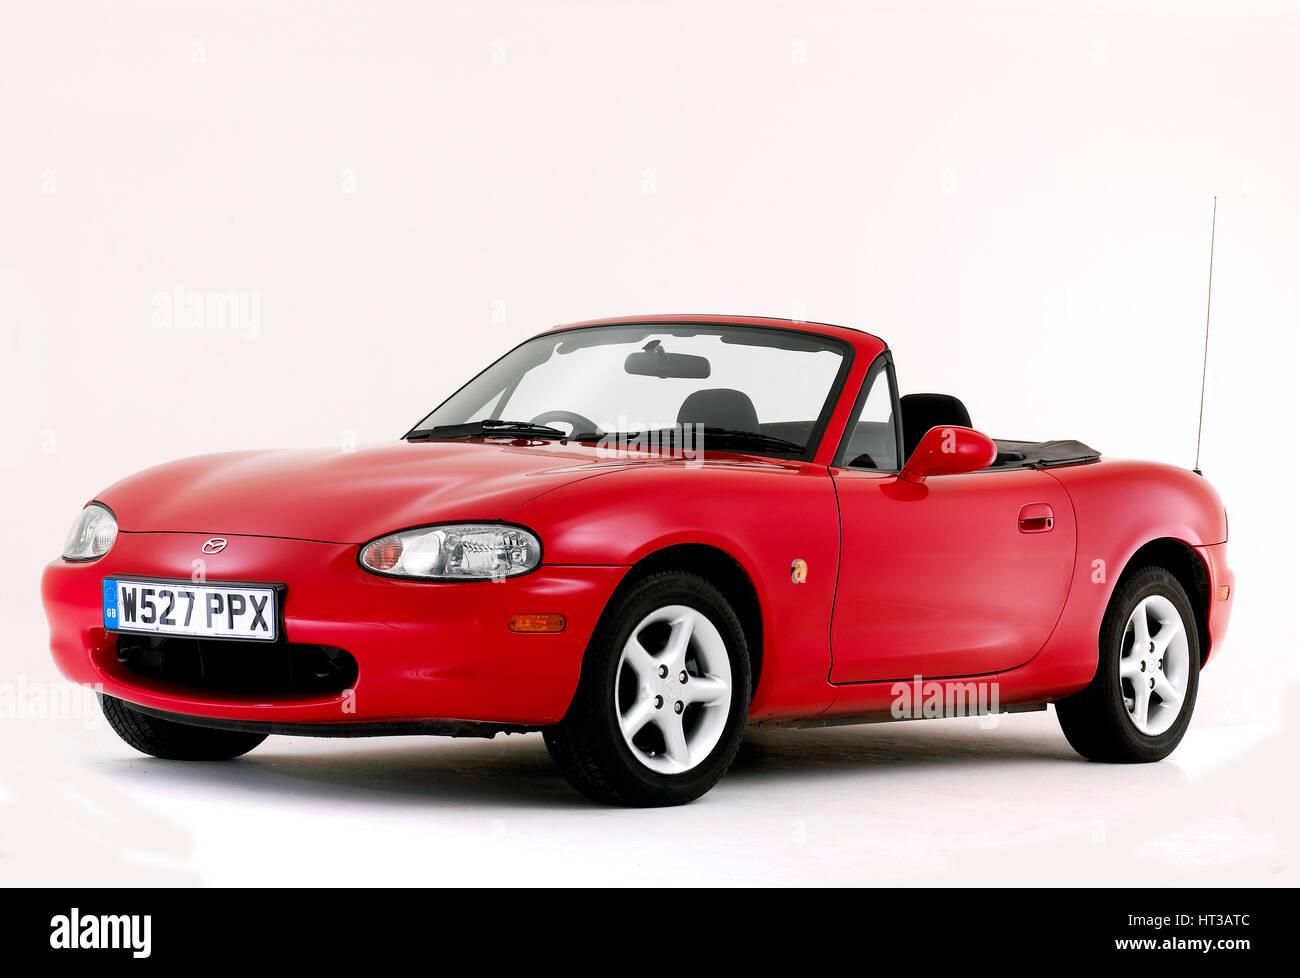 Kelebihan Kekurangan Mazda Mx5 2000 Perbandingan Harga